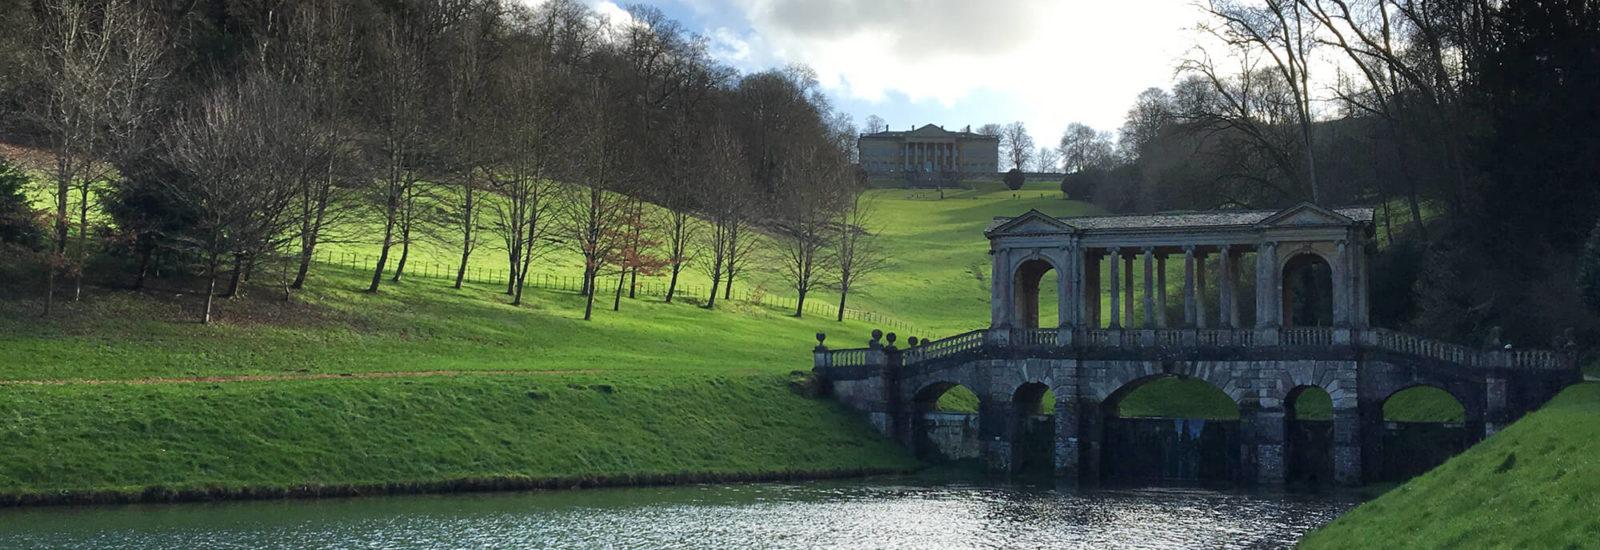 Image of Prior Park Landscape Gardens